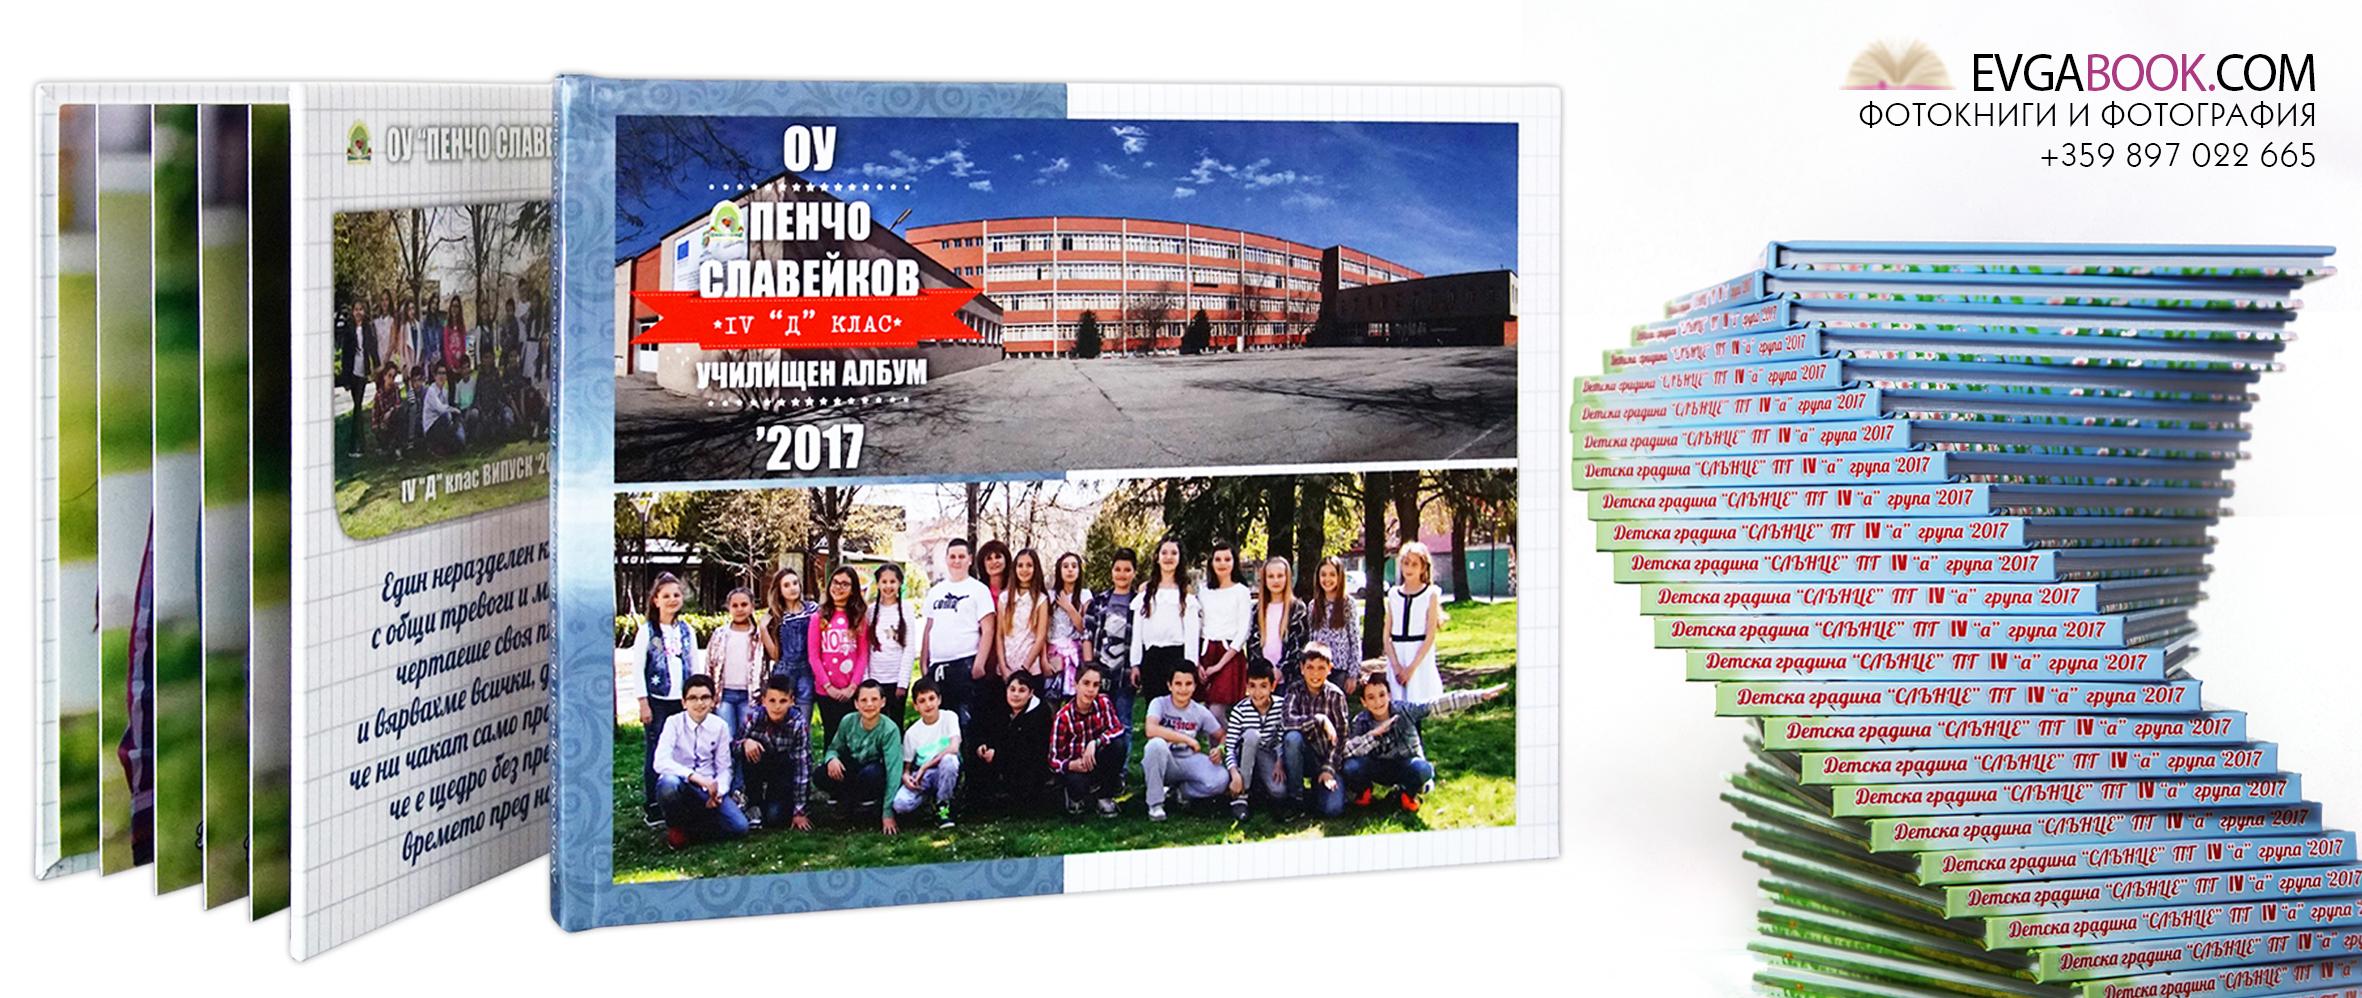 evgabook_photobook